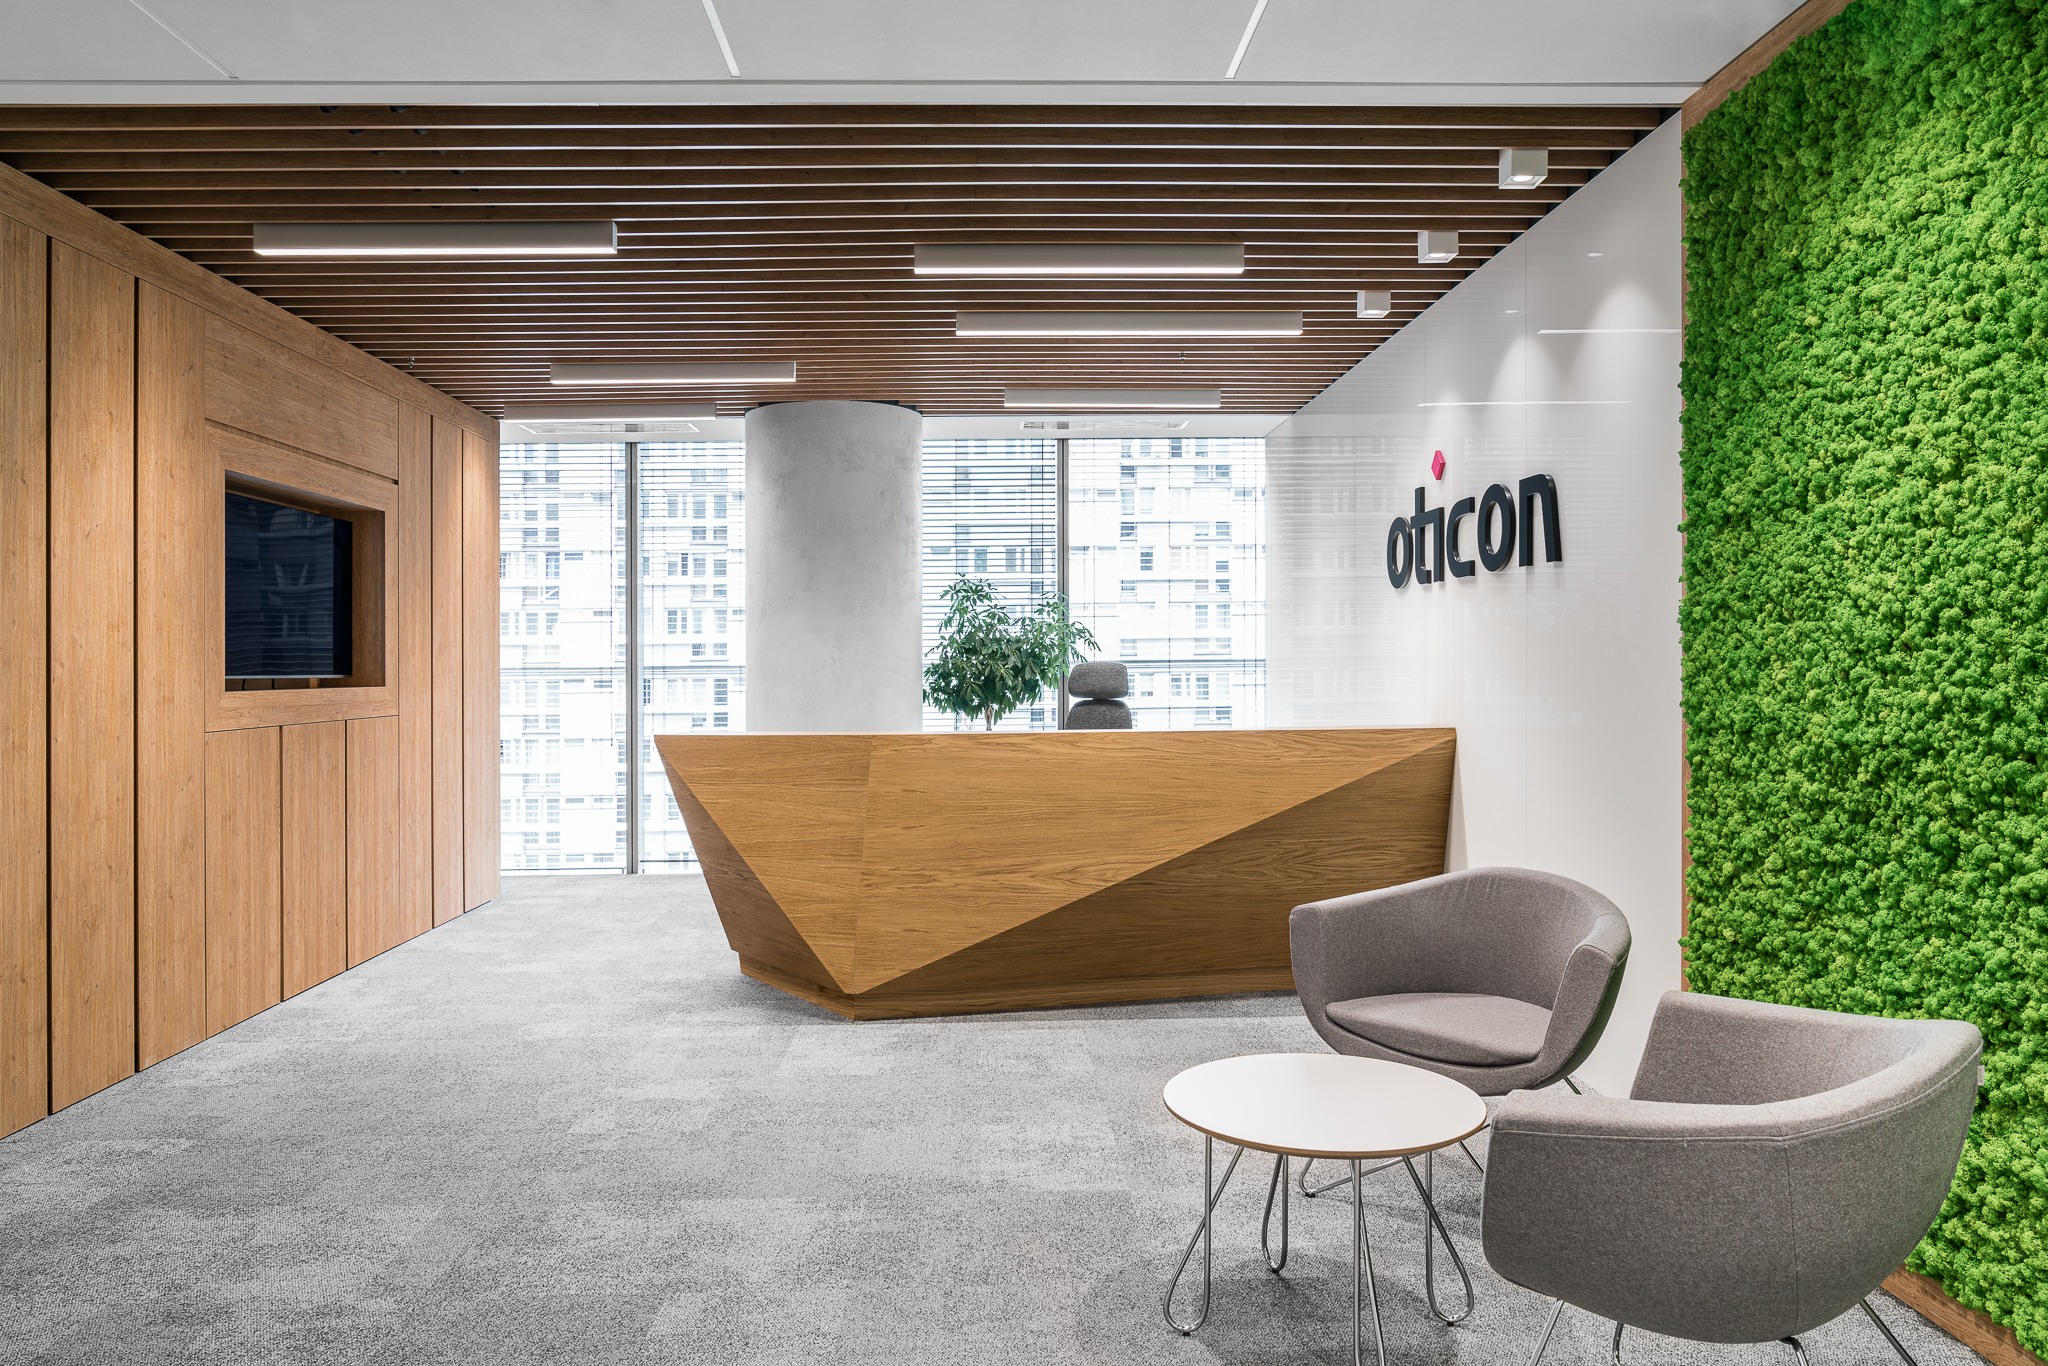 oticon